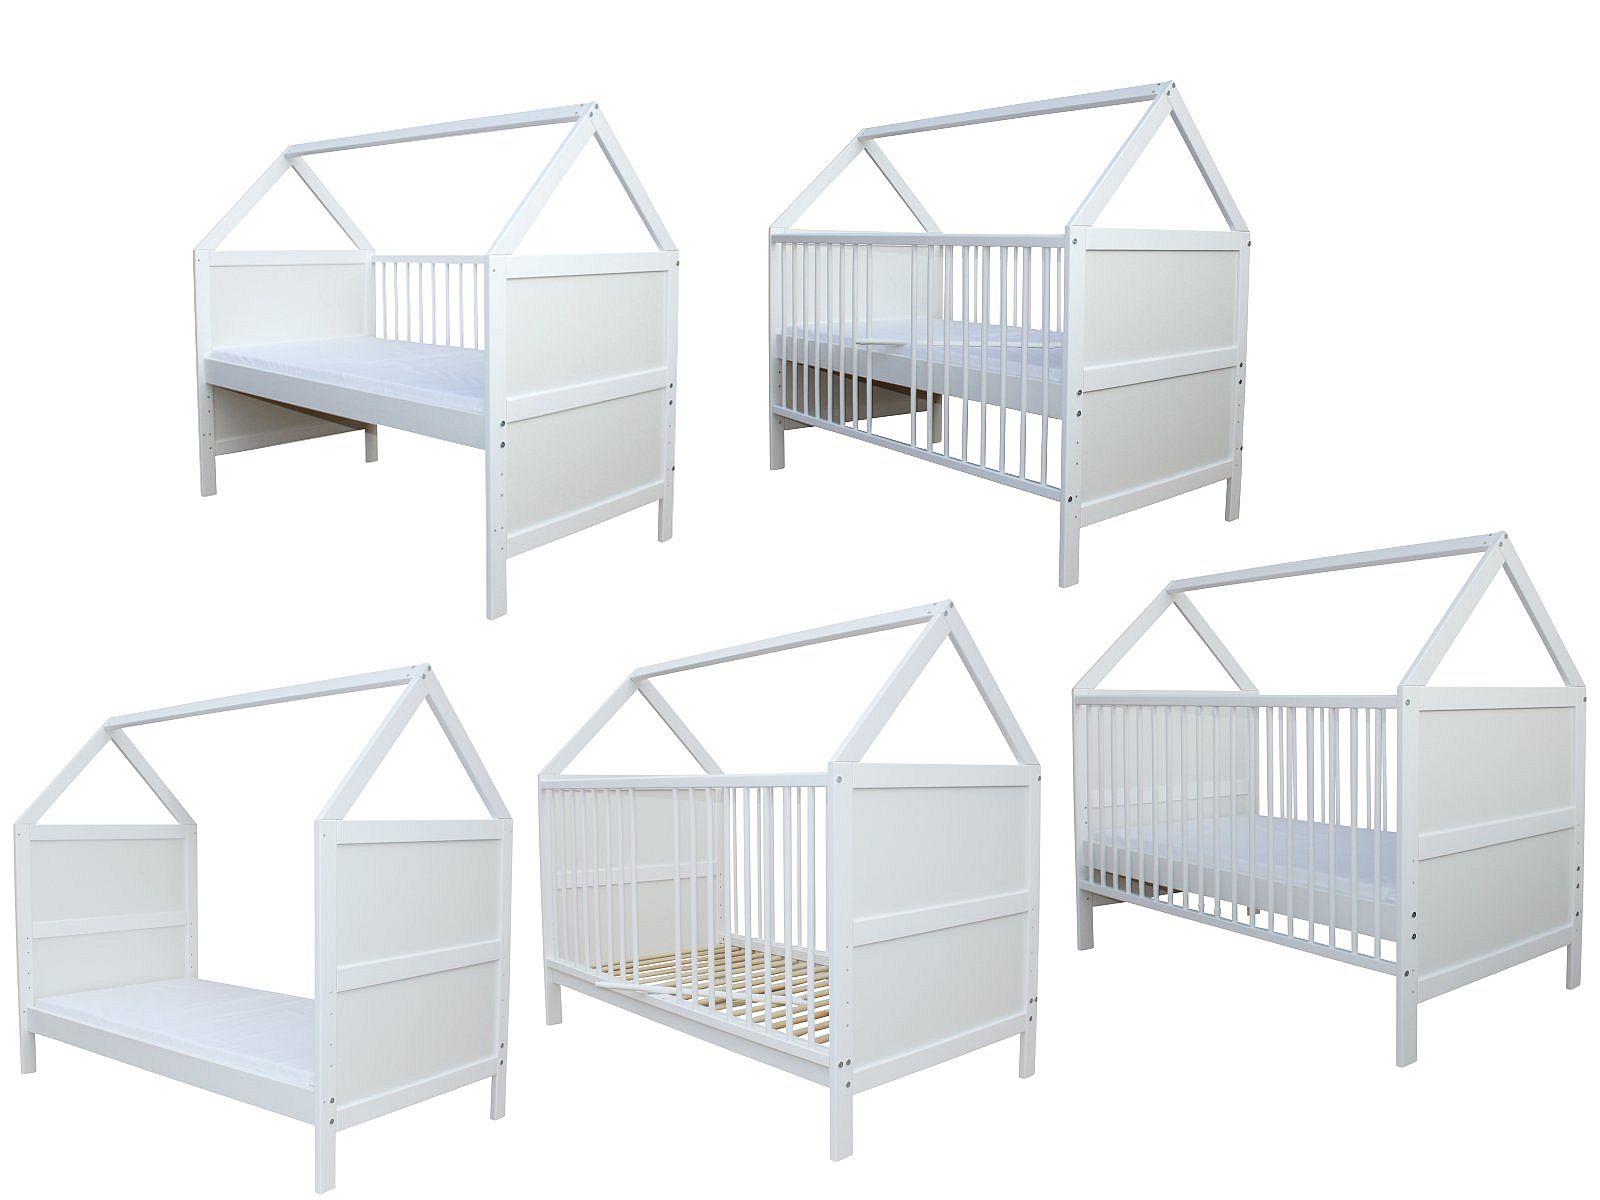 Micoland Babybett Kinderbett Juniorbett Bett Haus 140x70 Cm